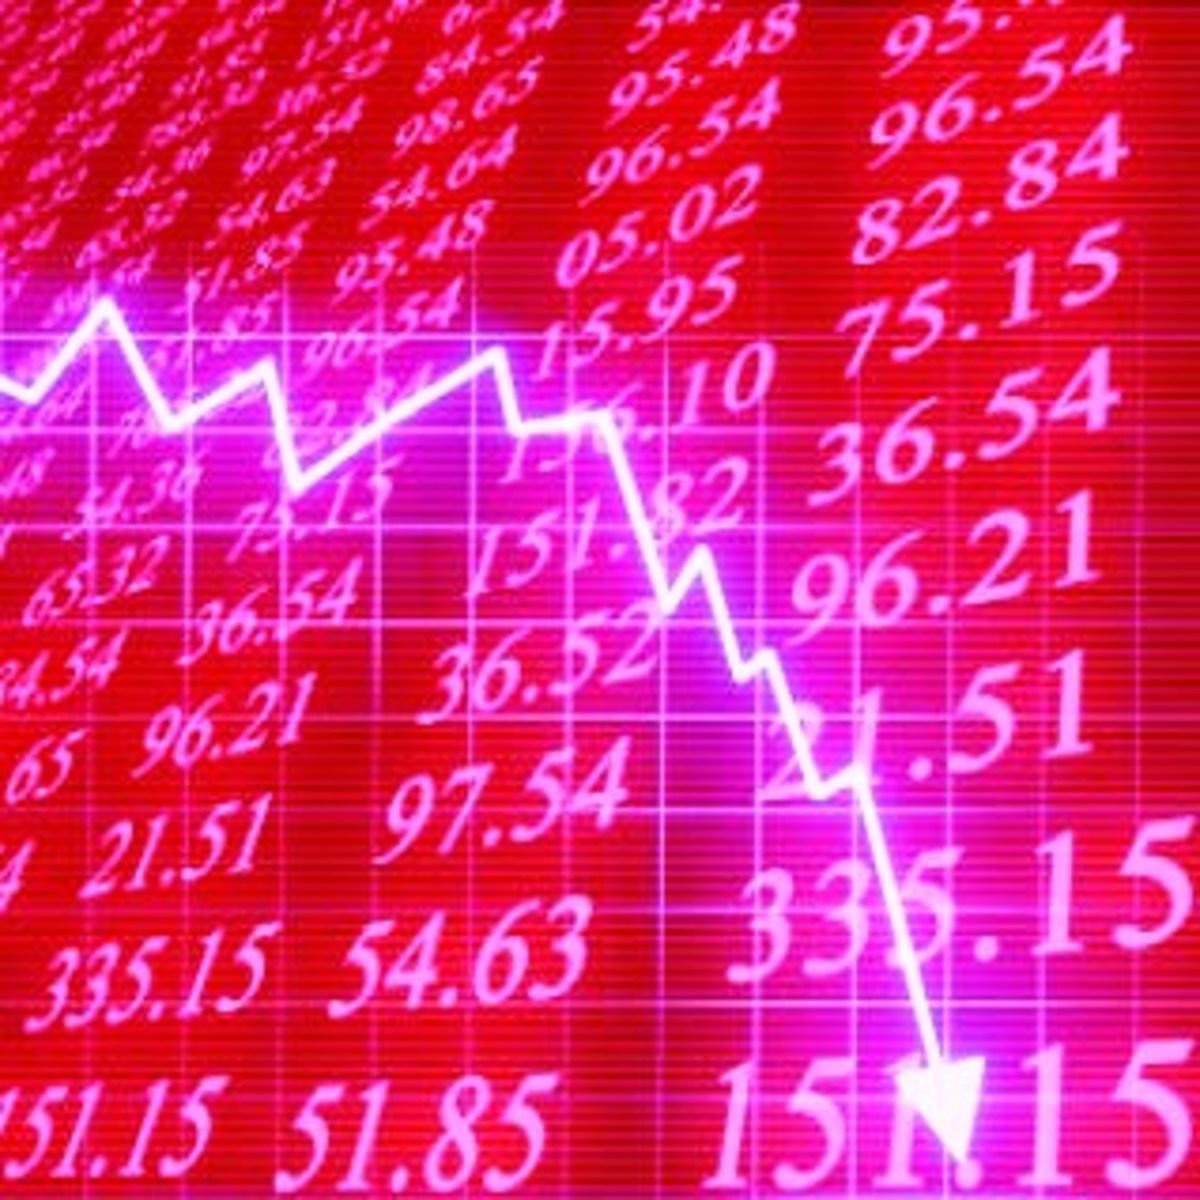 Νεα χαμηλά έτους για το χρηματιστήριο | Newsit.gr